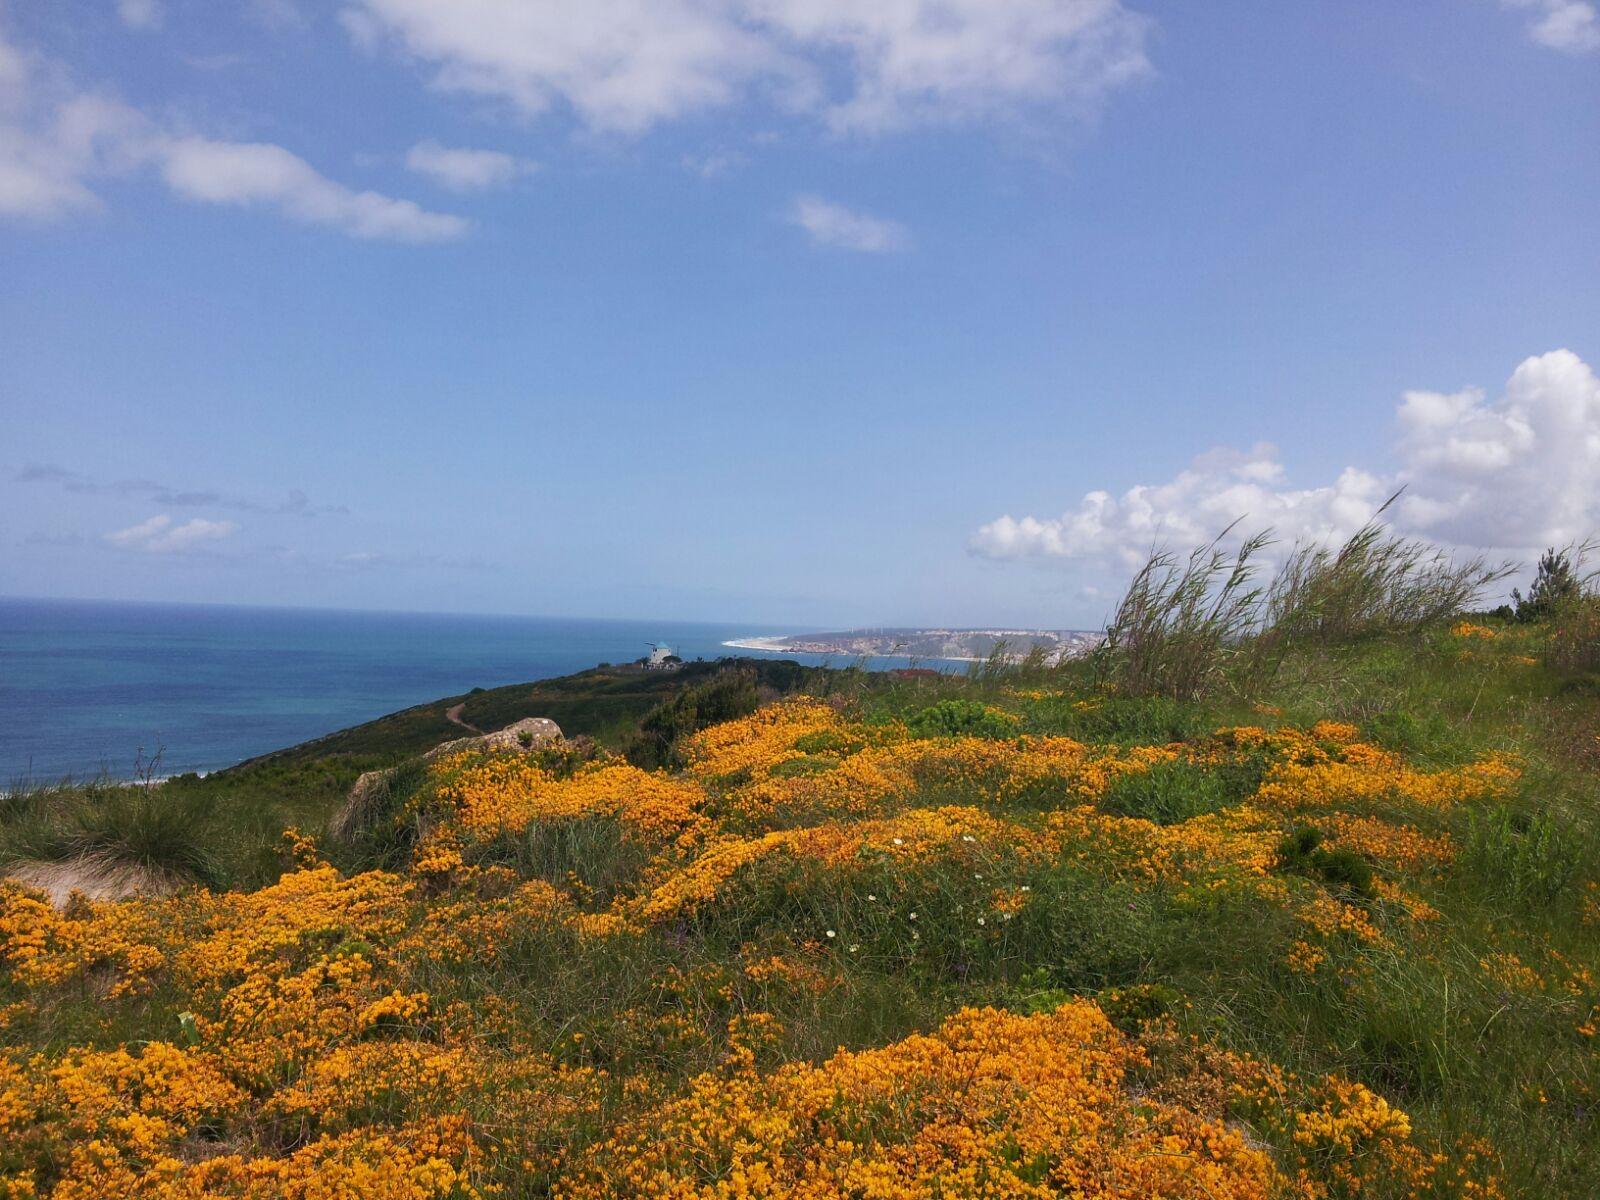 silver coast in Portugal